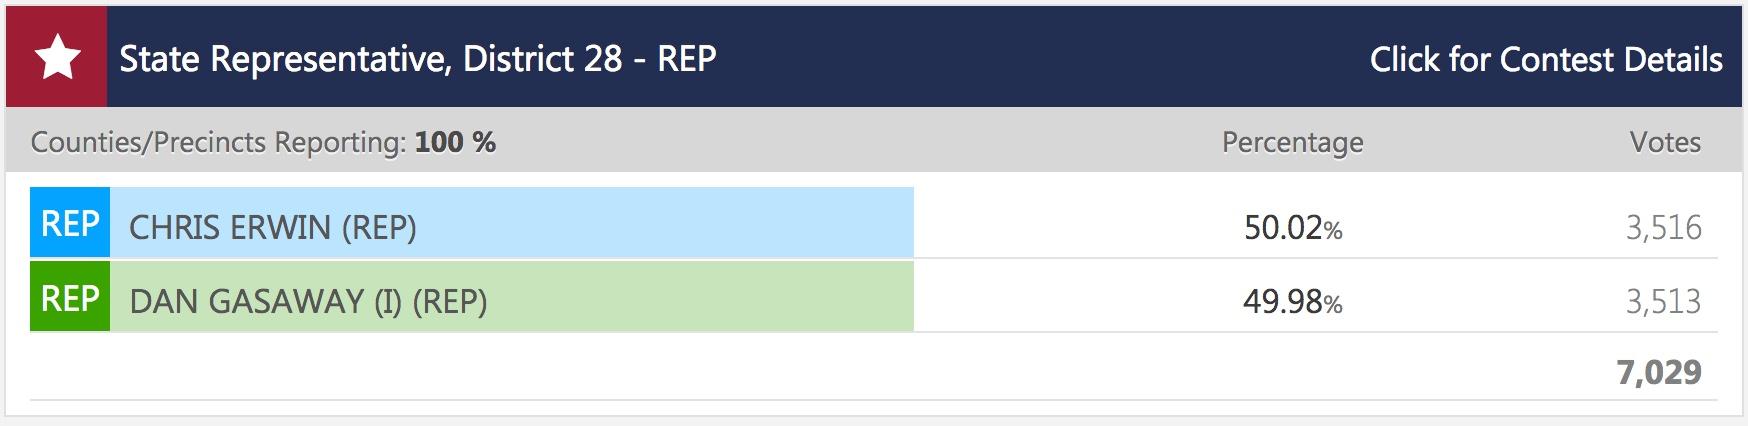 HD 28 Redo Results